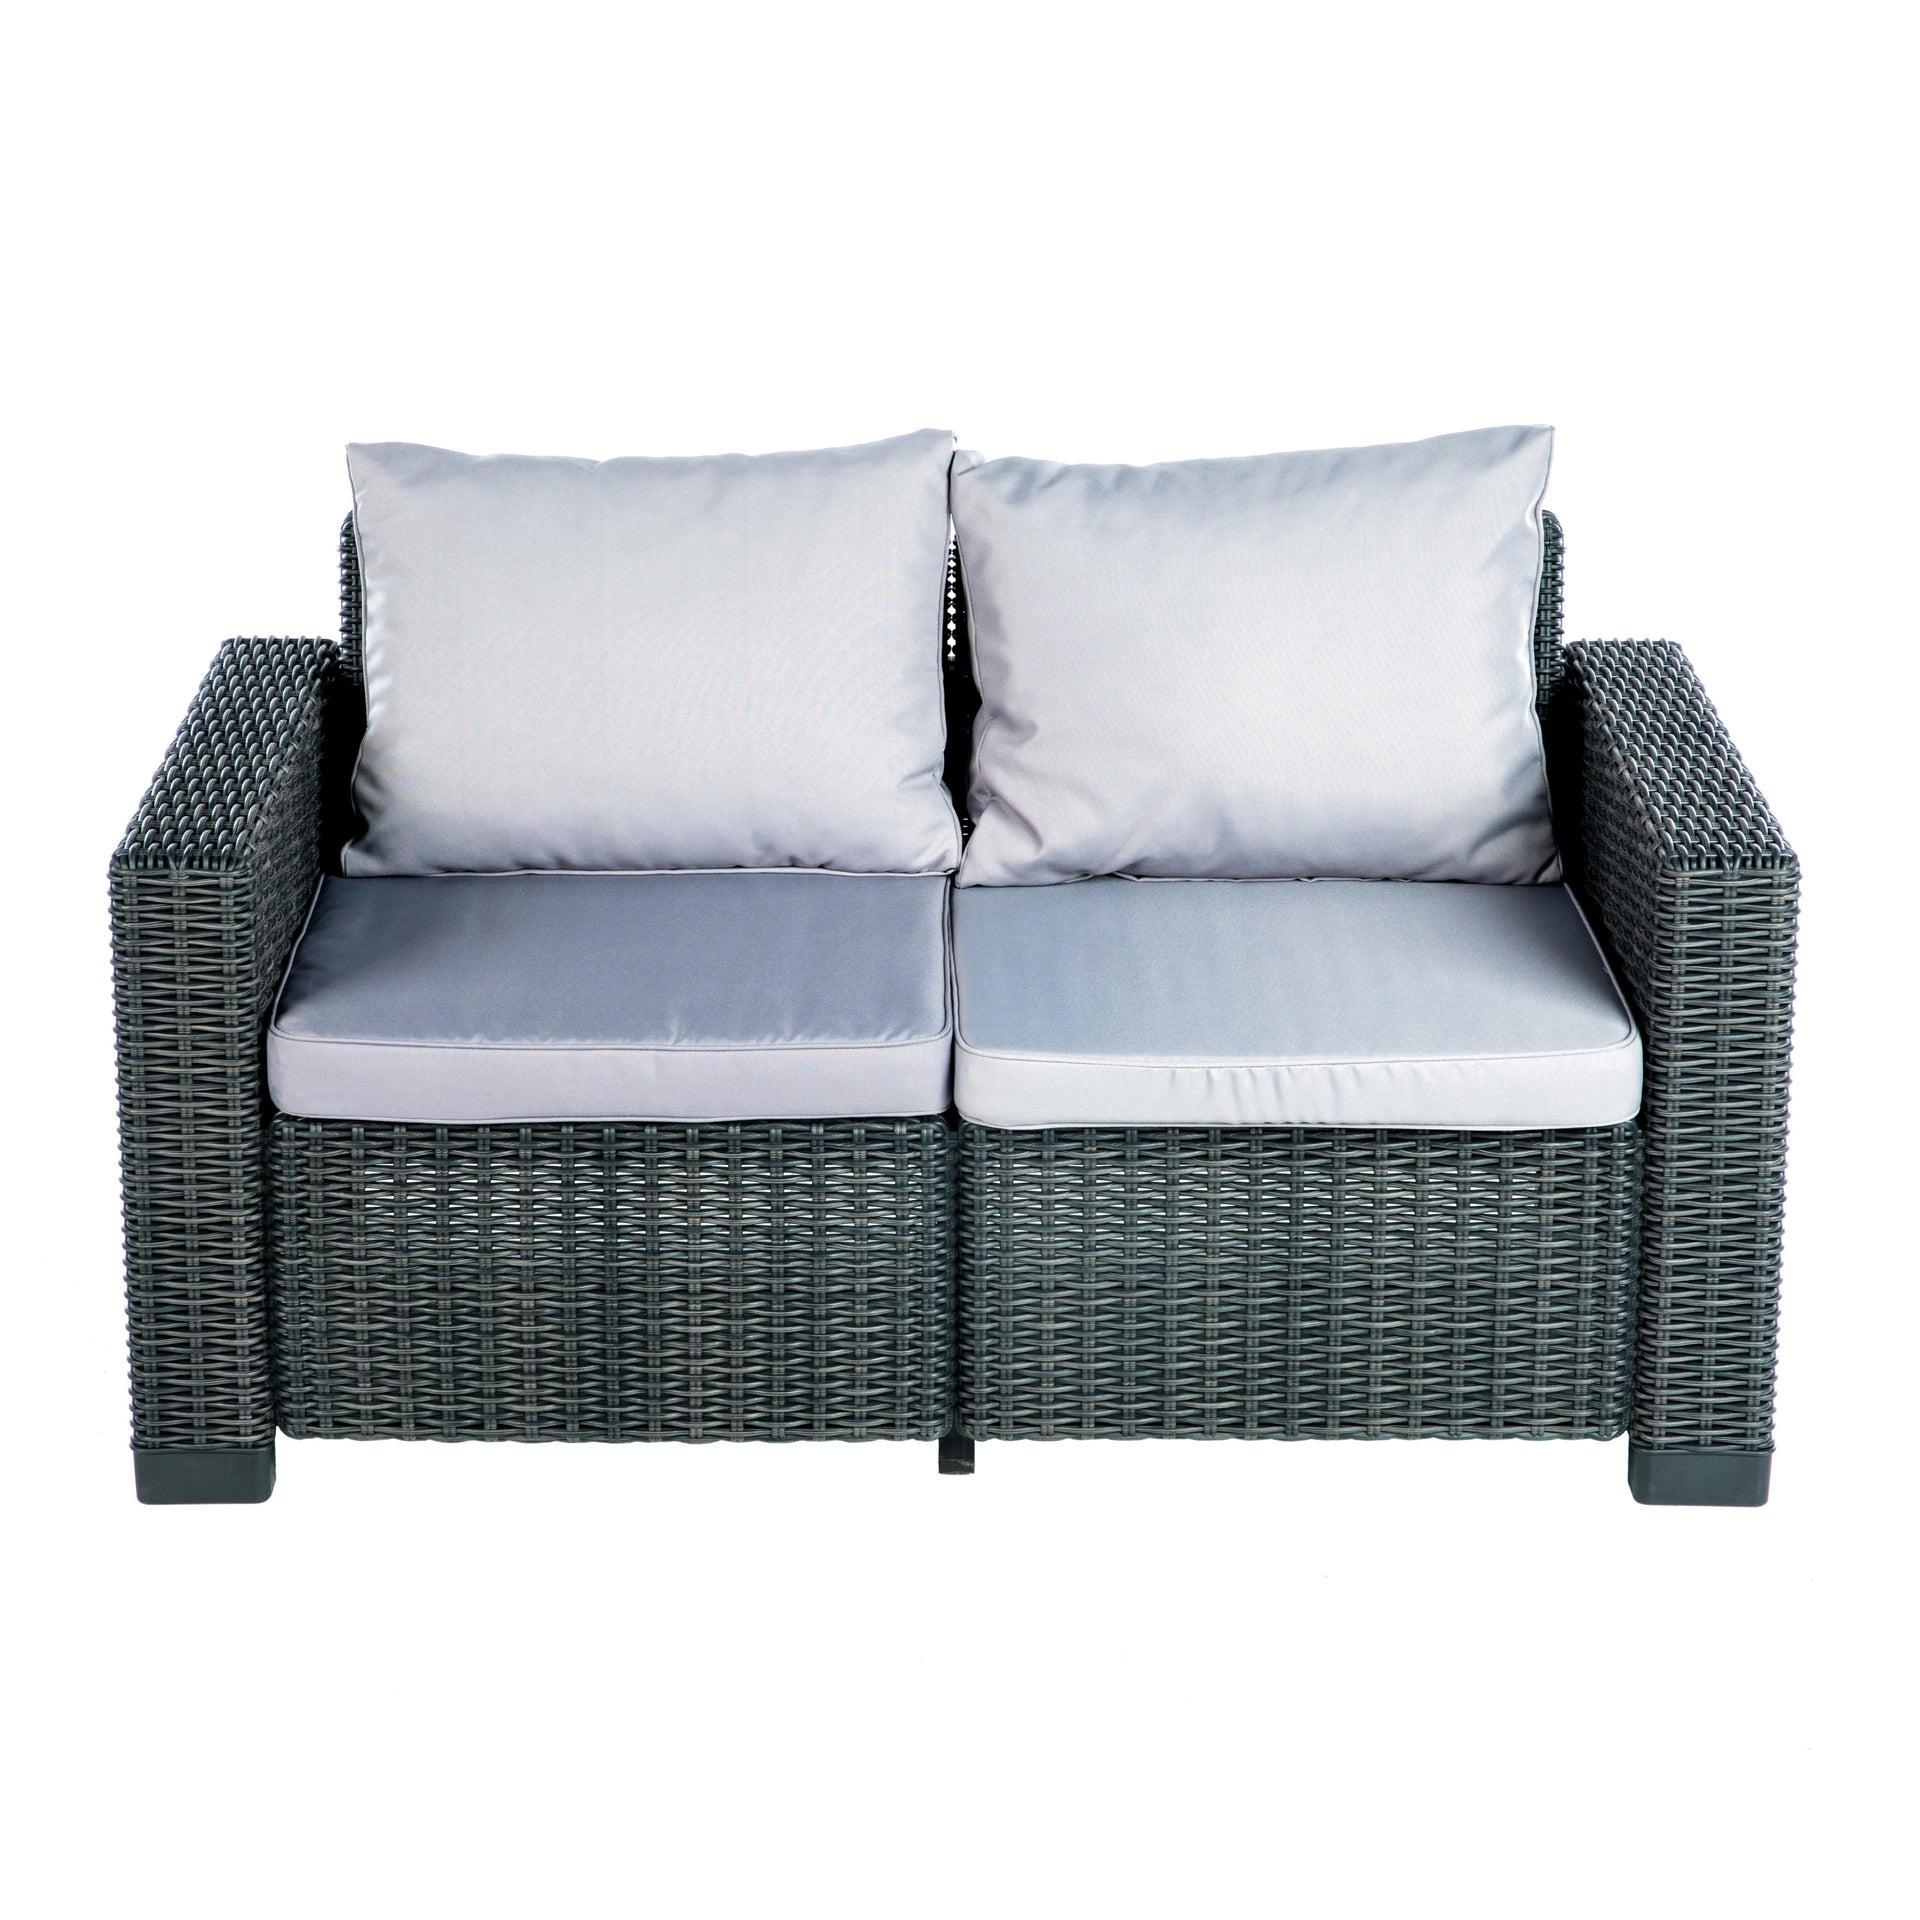 Divano da giardino con cuscino 2 posti in resina California colore antracite - 4